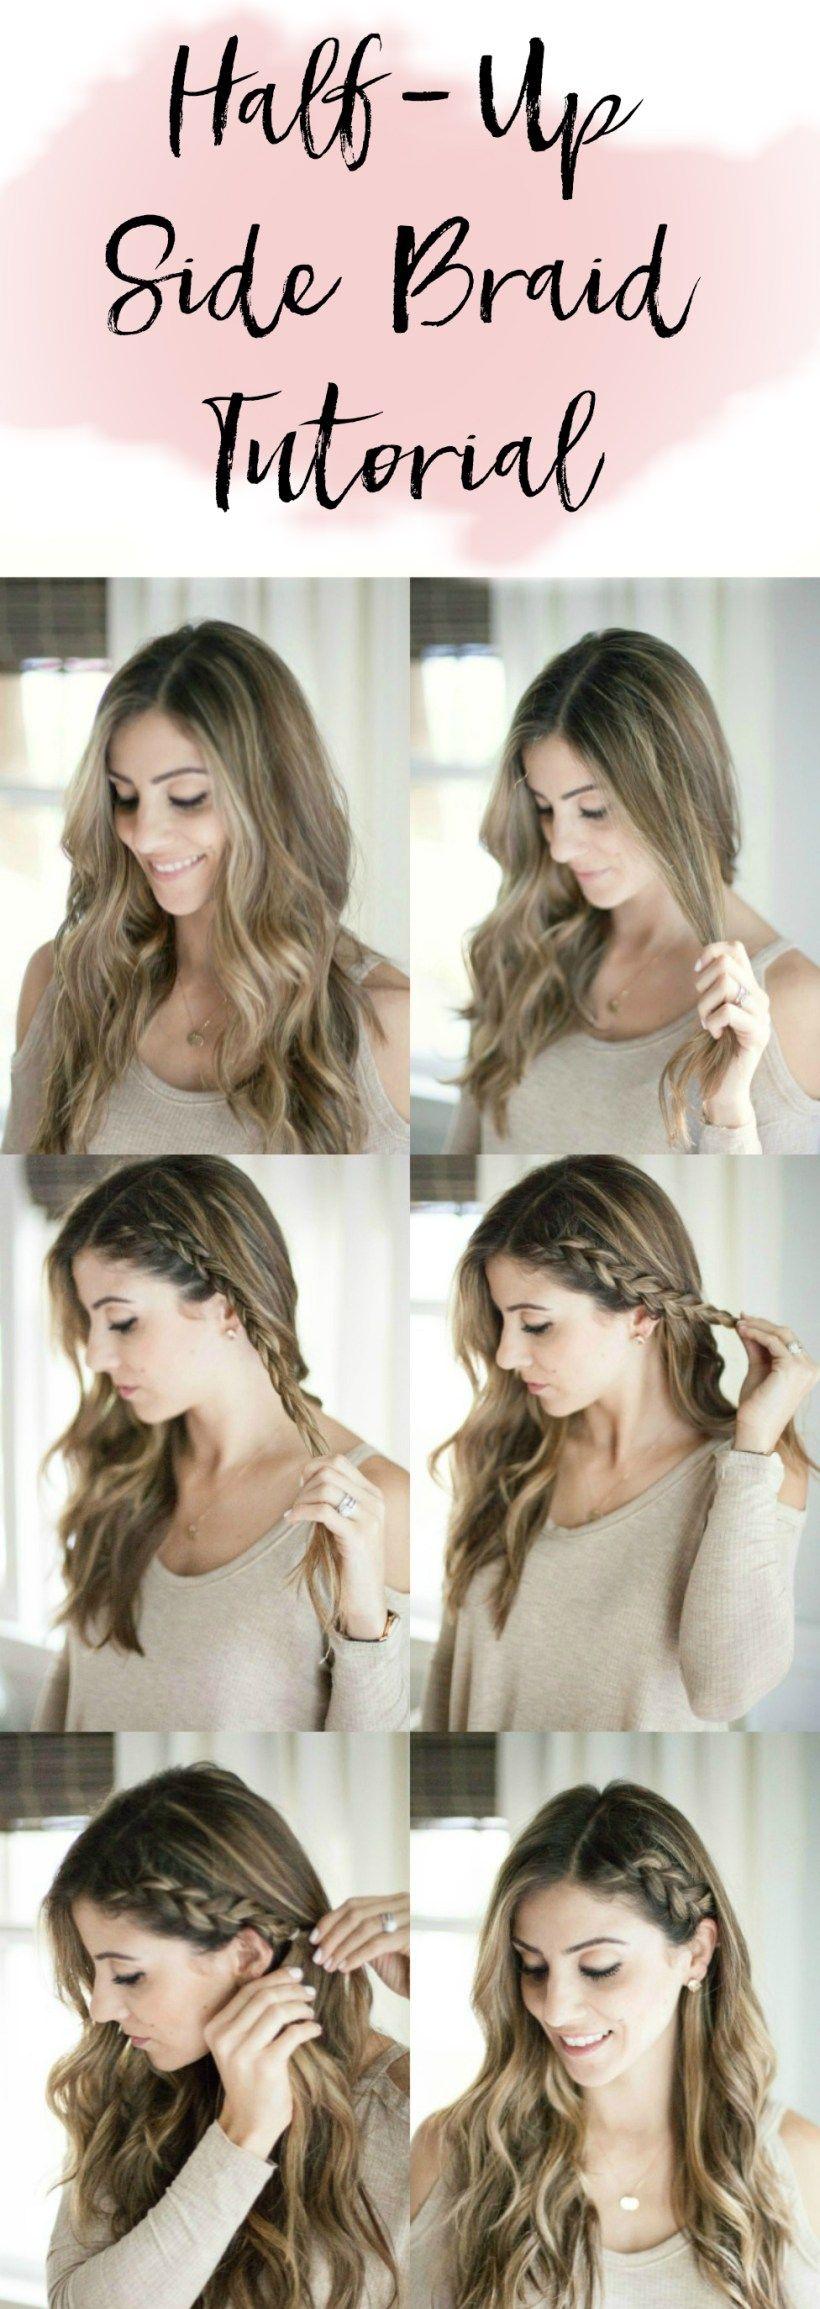 Beauty Half Up Side Braid Hair Tutorial Lauren McBride -   14 ariana grande hairstyles Tutorial ideas